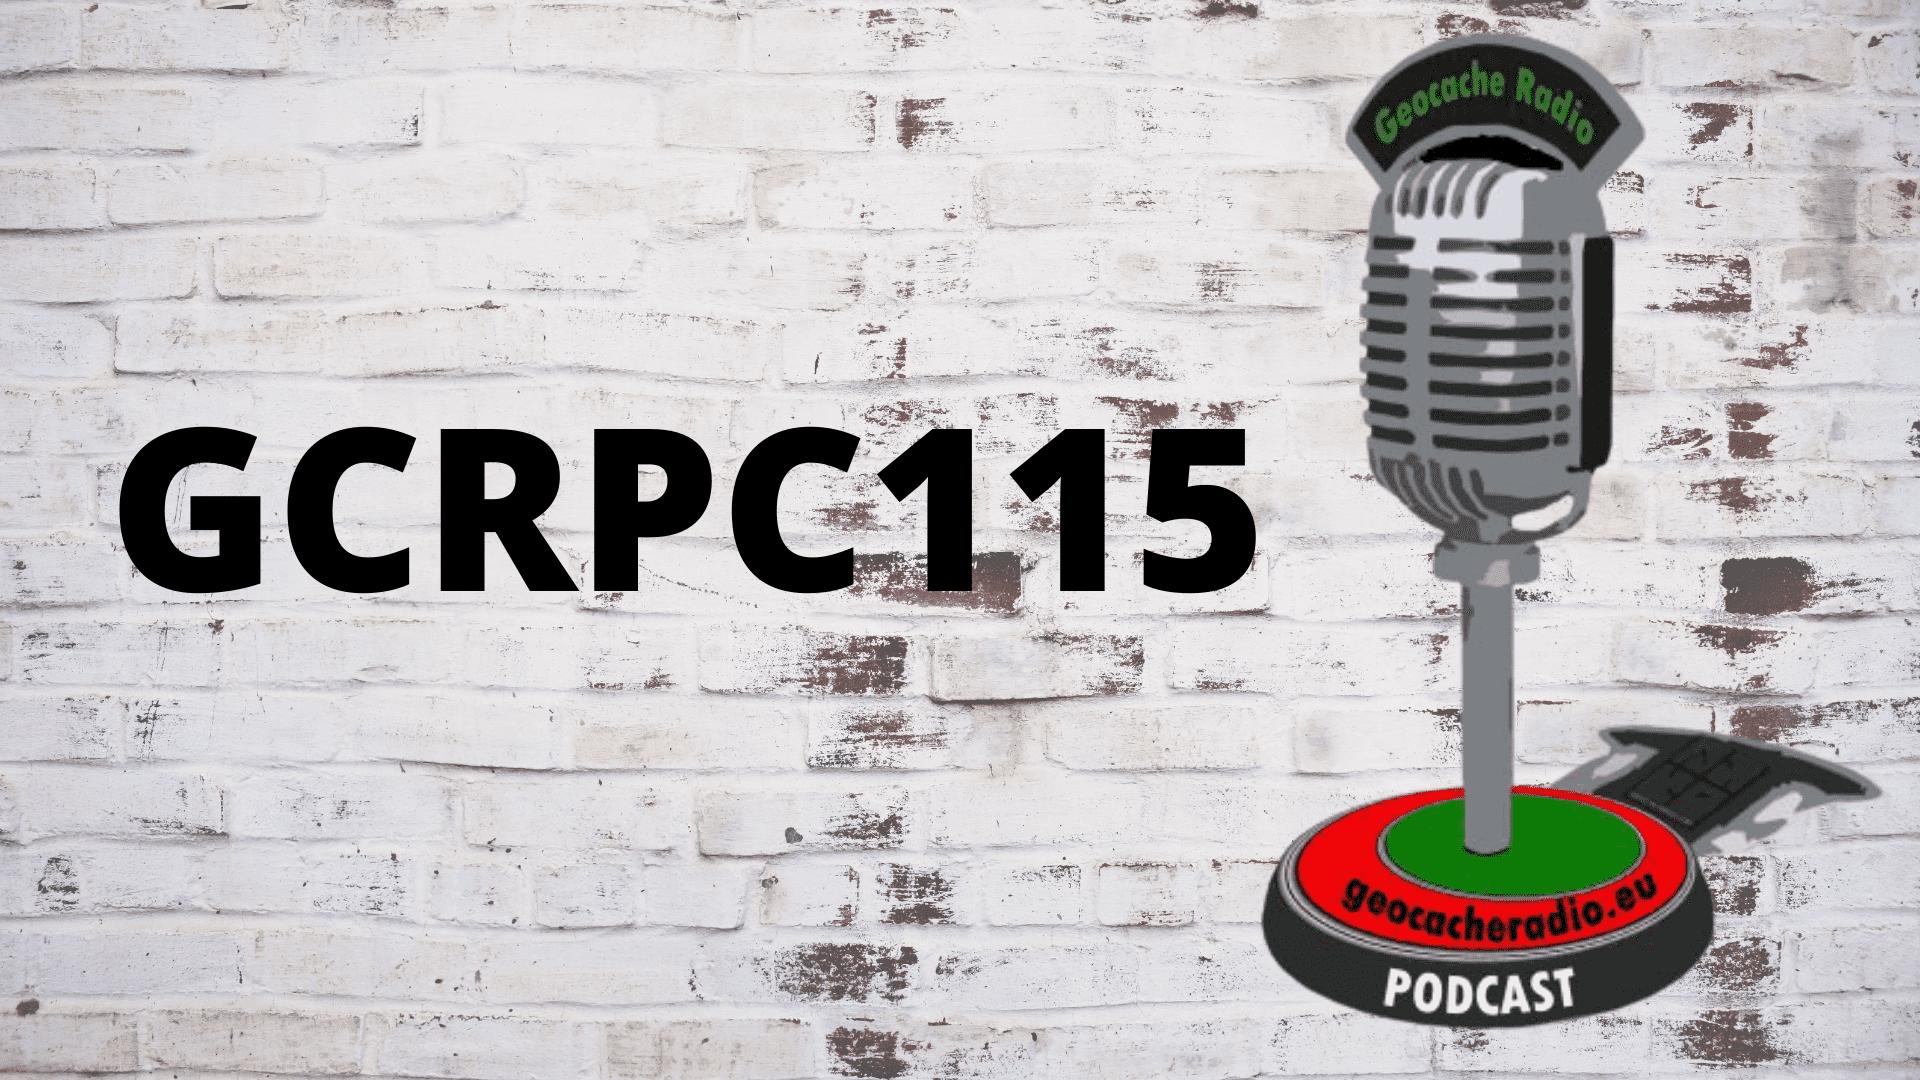 Geocache Radio Podcast 115